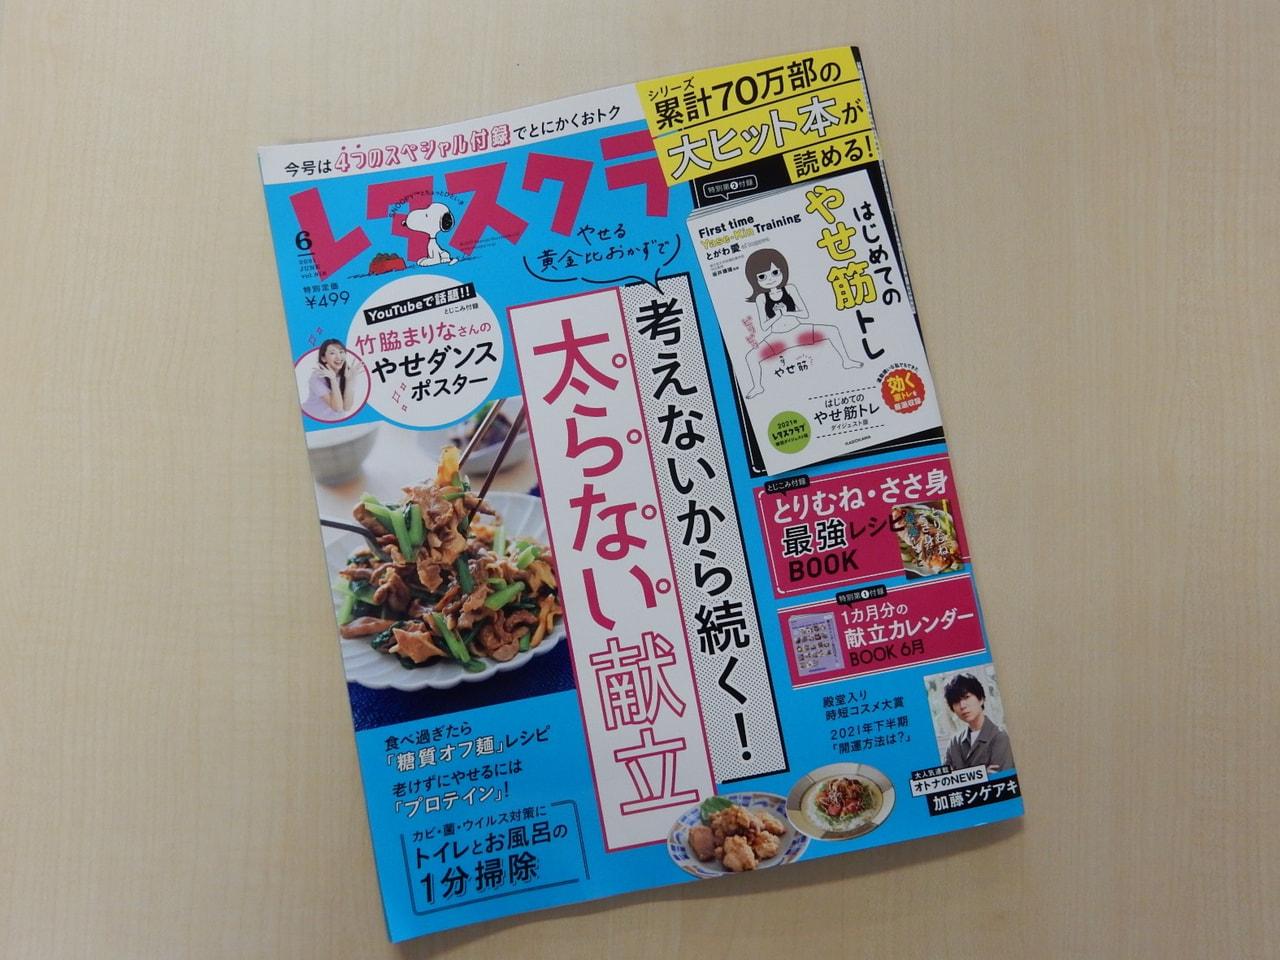 『レタスクラブ』6月号に宮本先生が取材を受けられた記事が掲載されています